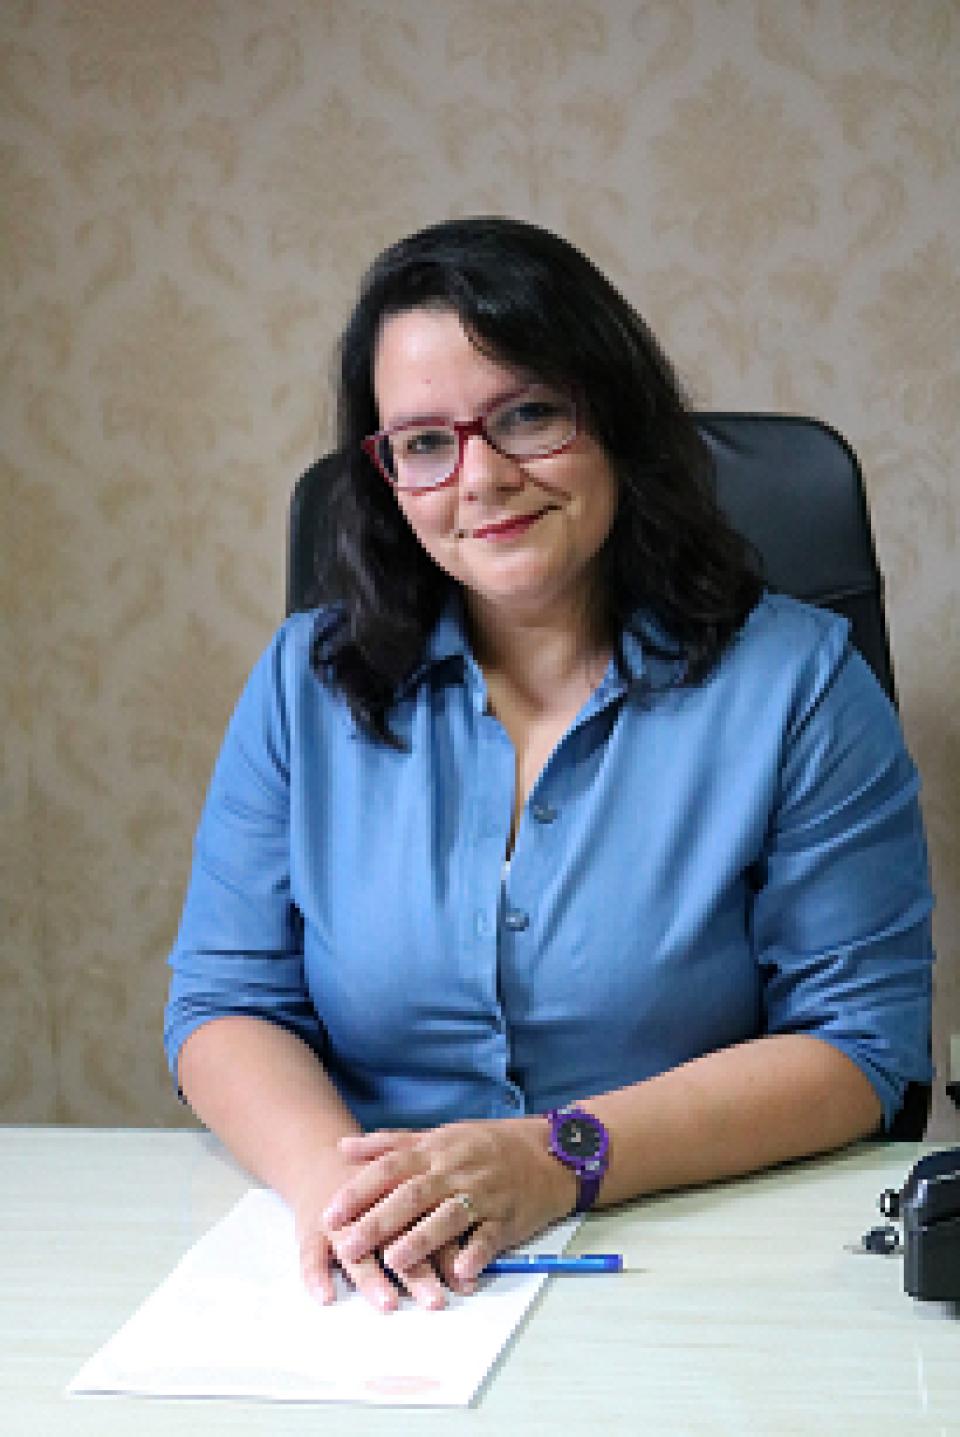 Luciana de Carvalho Nogueira Albuquerque